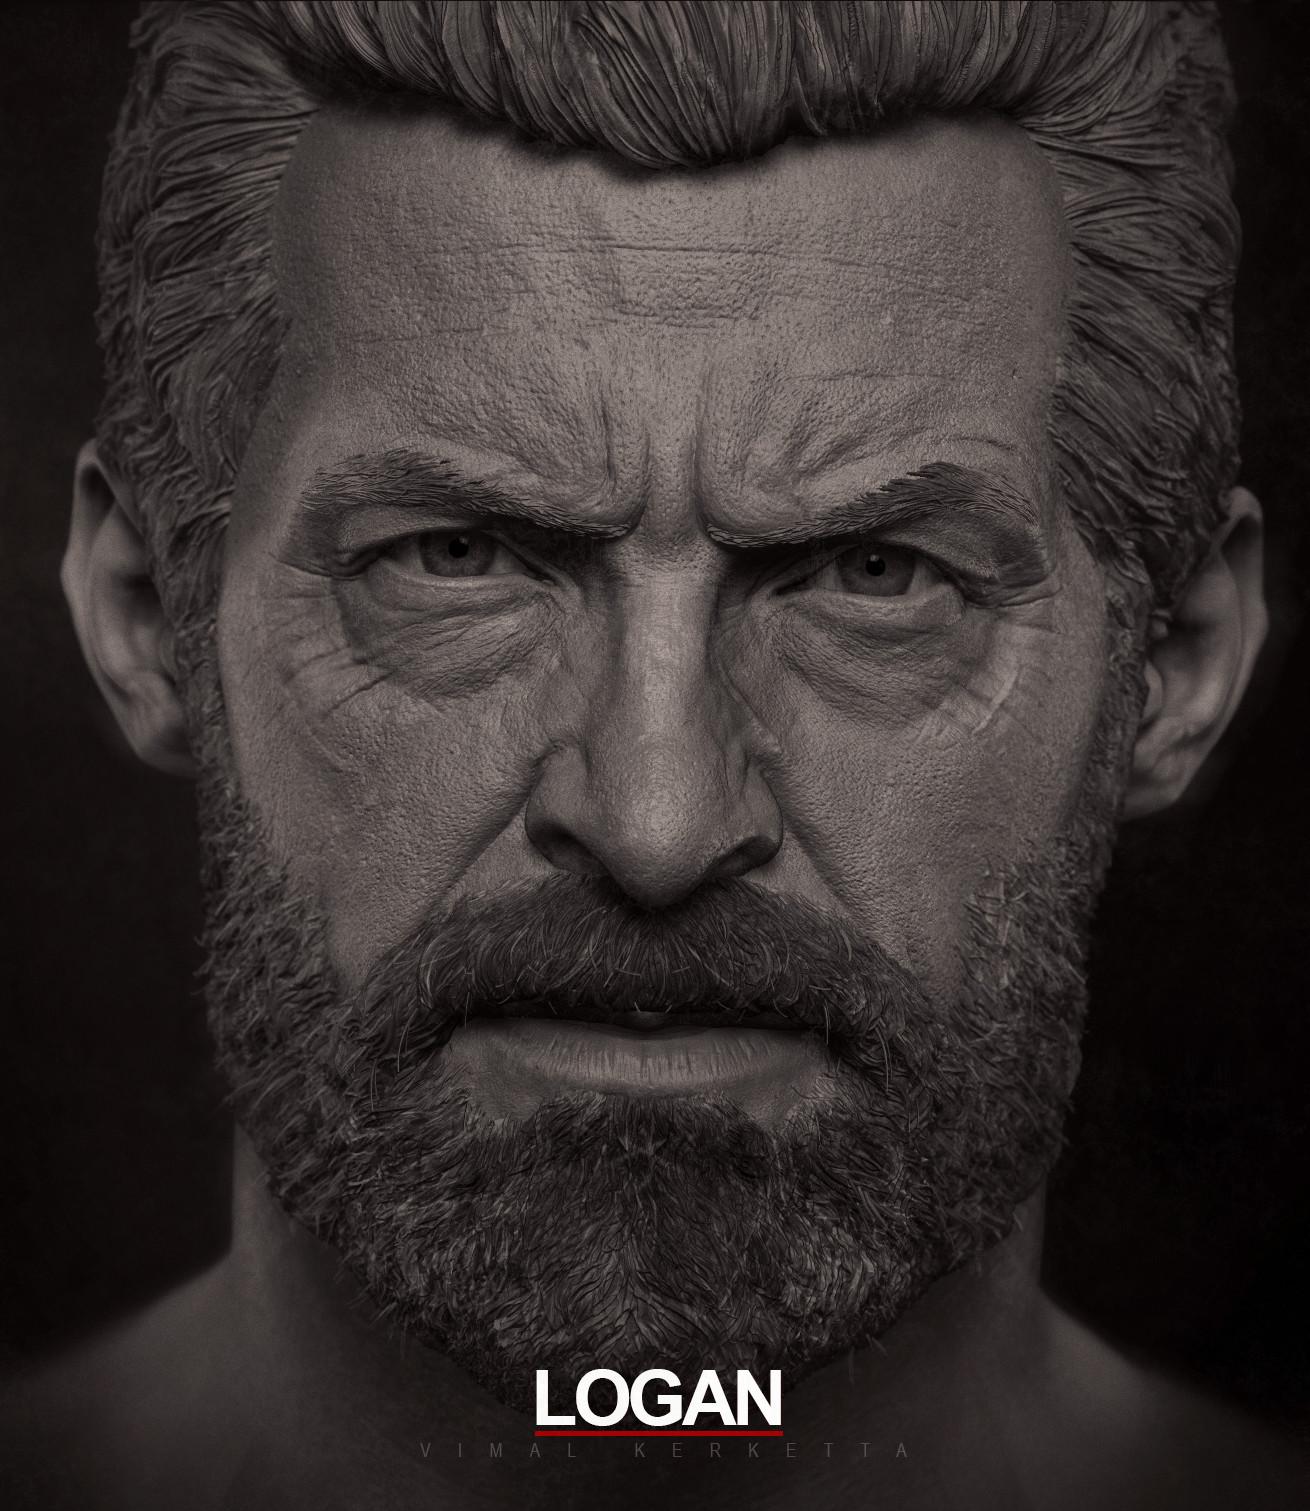 Logan-Hugh Jackman